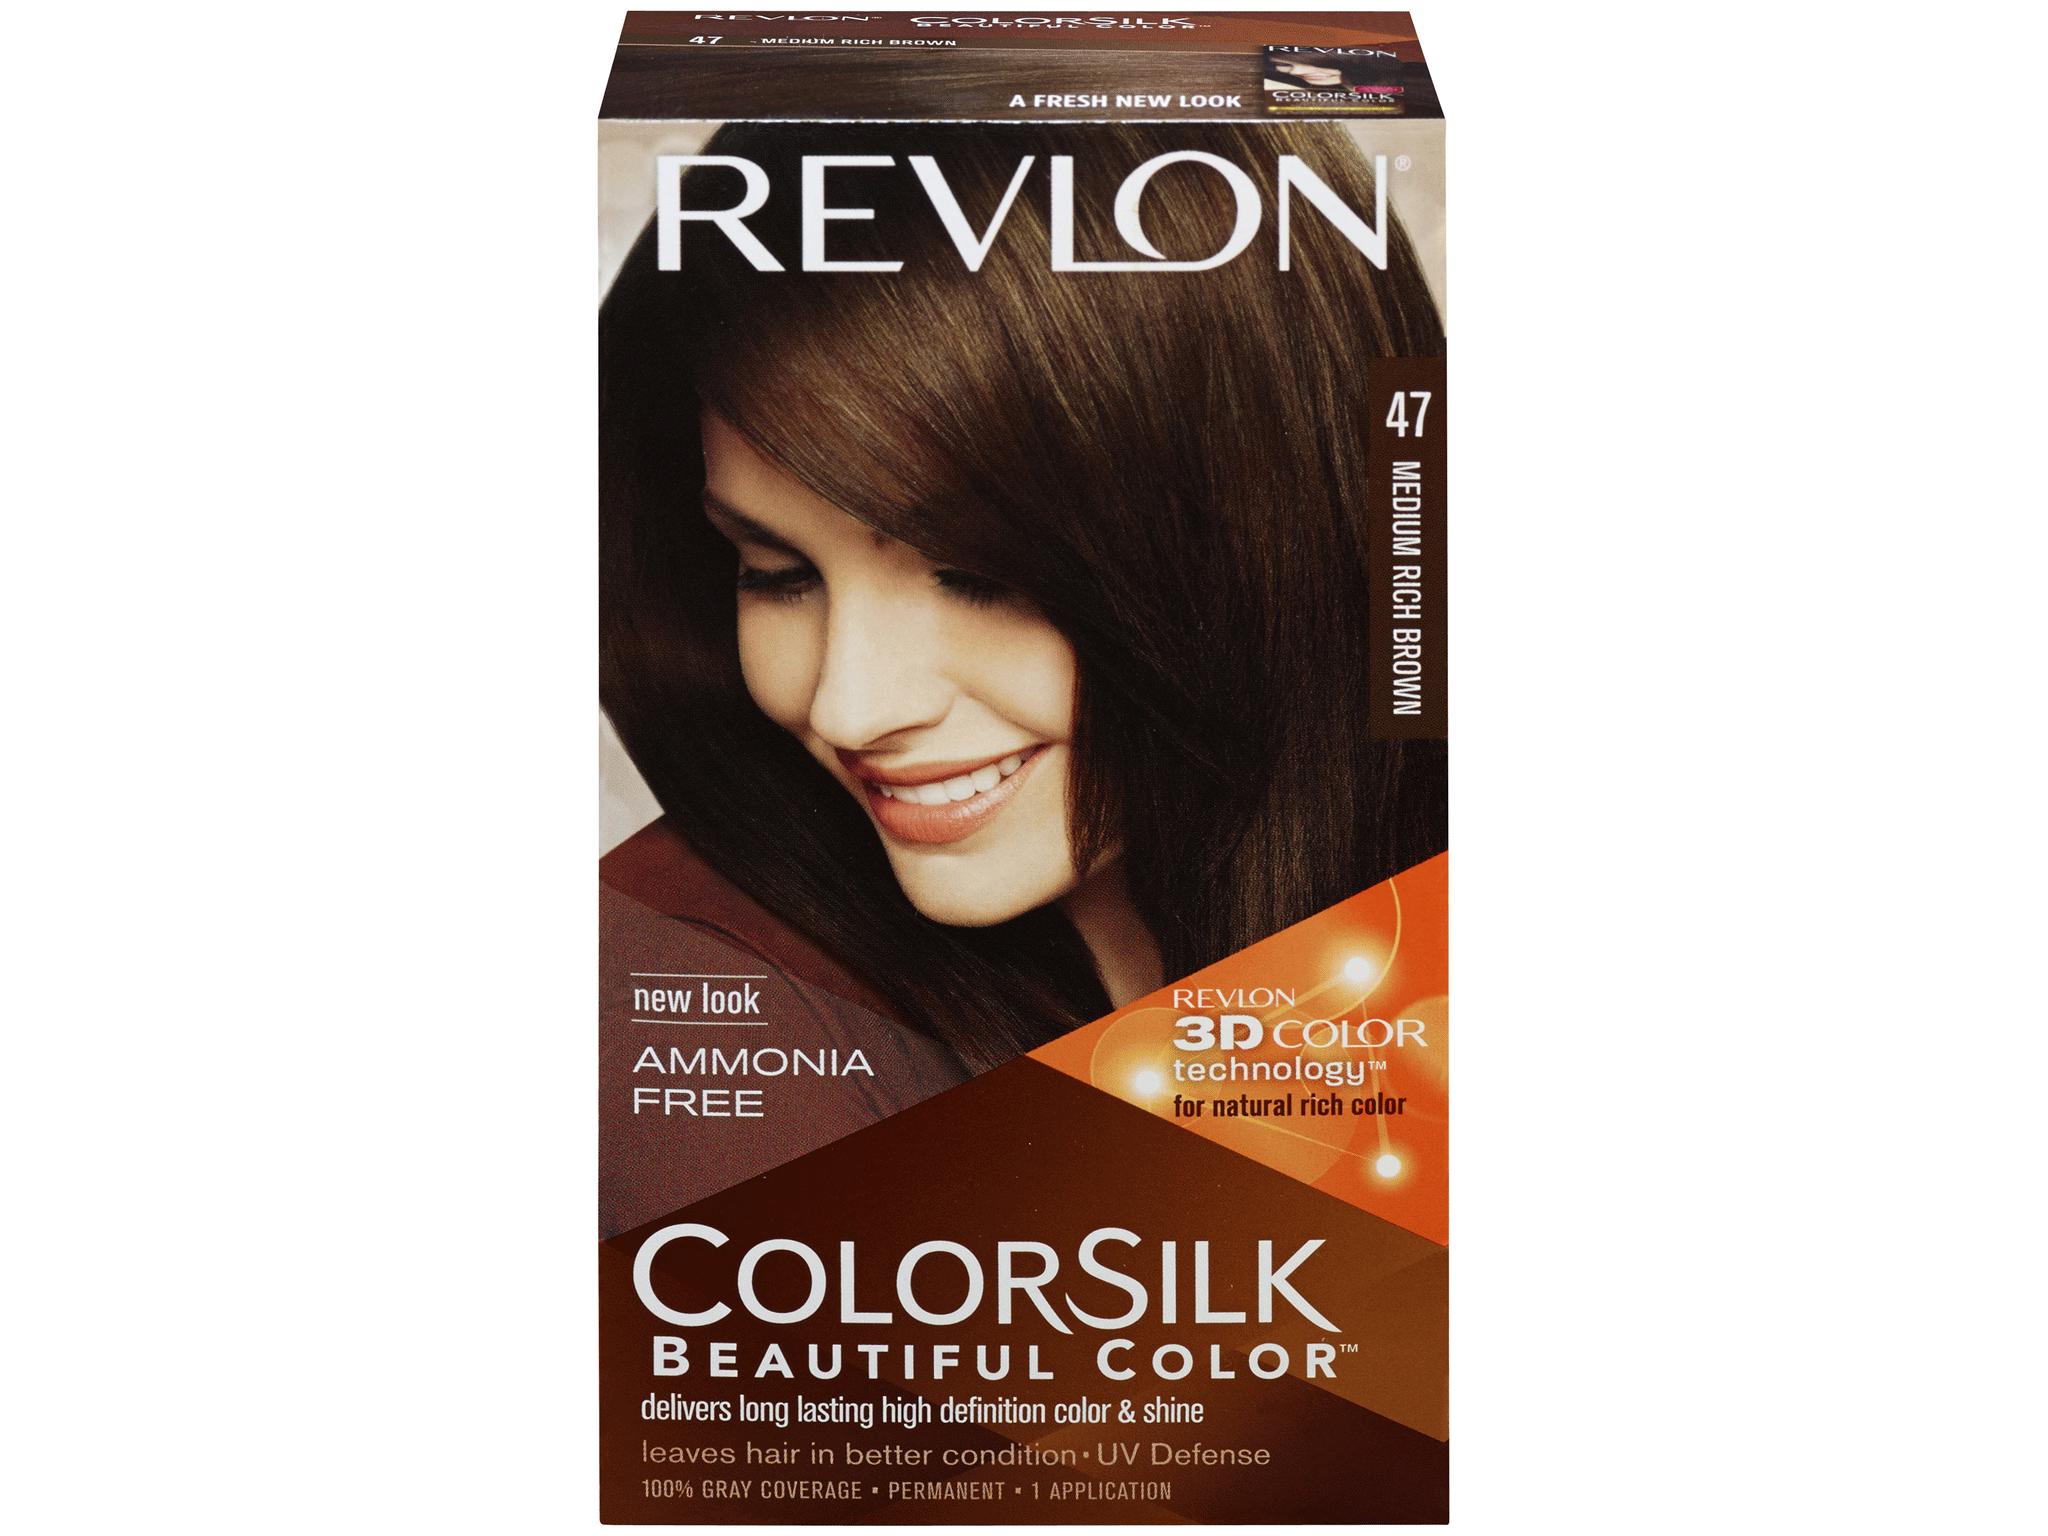 Revlon Colorsilk Beautiful Color Permanent Haircolor Medium Rich